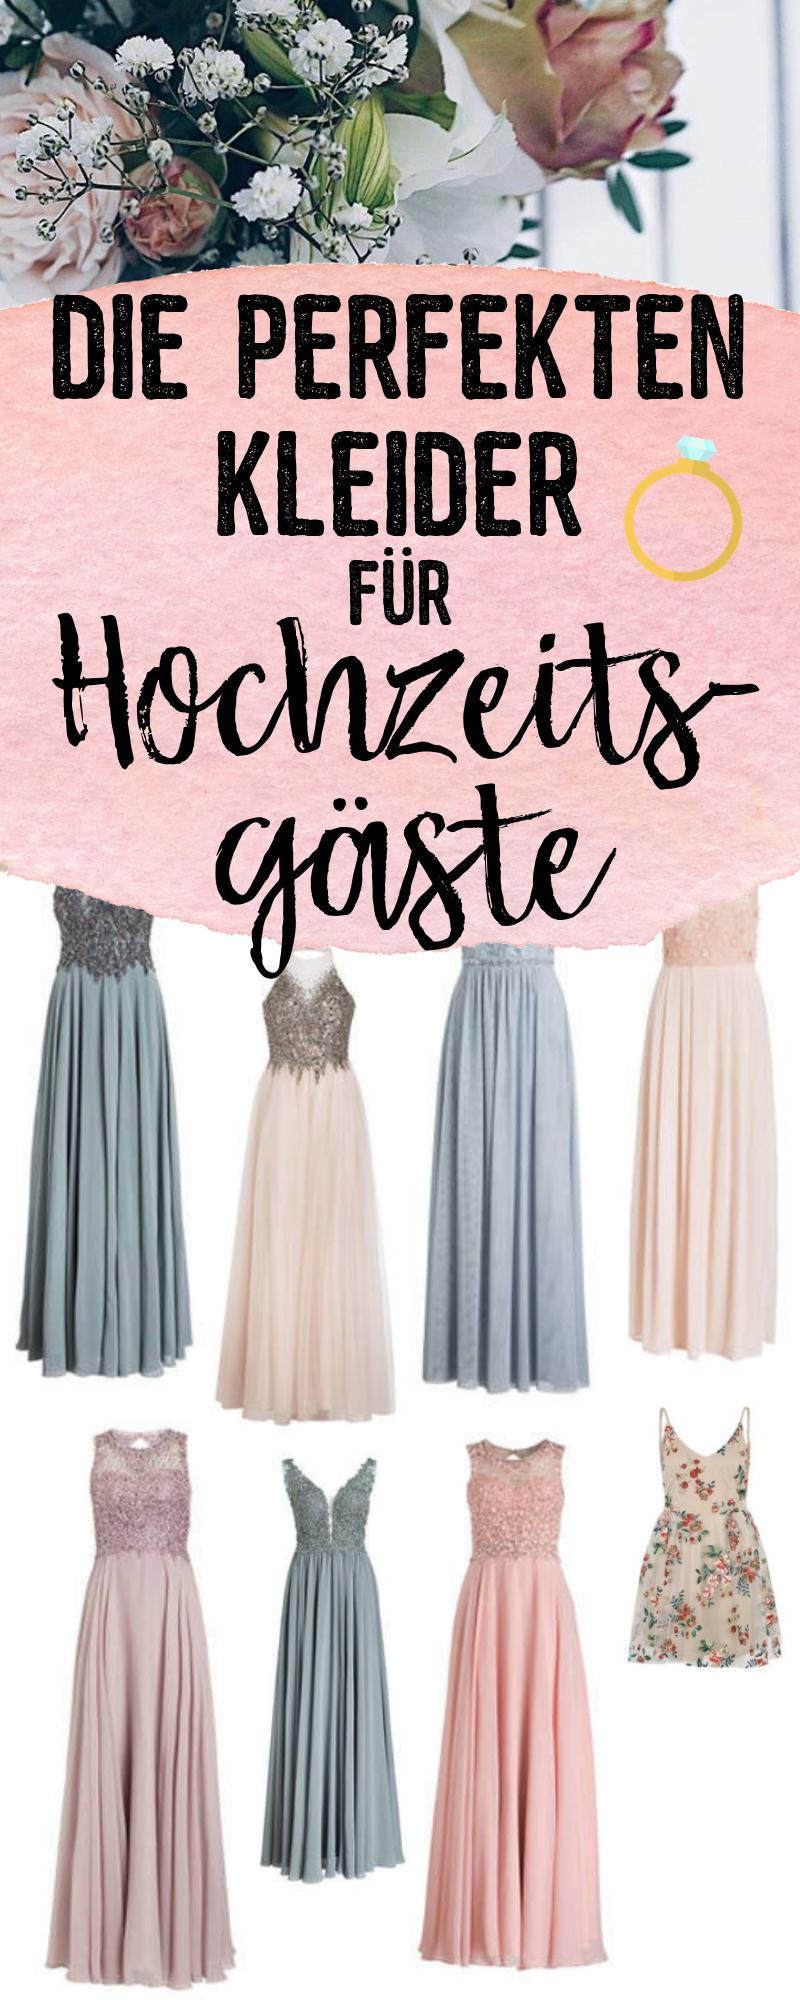 Die Perfekten Kleider Für Hochzeitsgäste | Hochzeitsgast